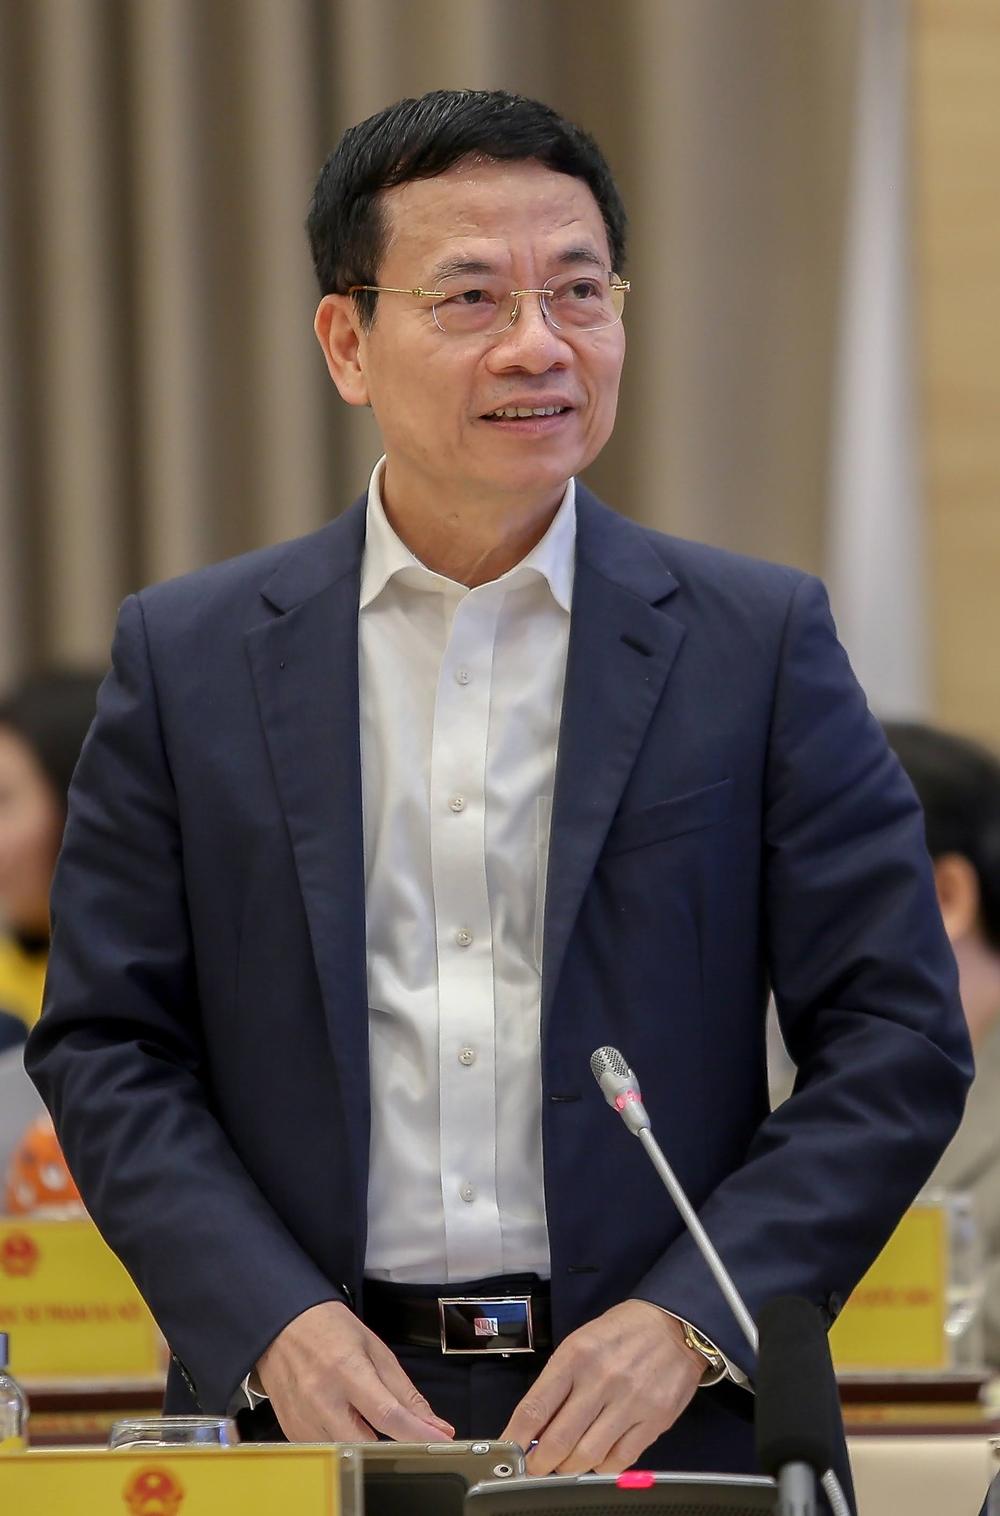 Bộ trưởng Thông tin và Truyền thông Nguyễn Mạnh Hùng tại Hội nghị trực tuyến toàn quốc ngành giáo dục năm 2020, sáng 31/10. Ảnh: MOET